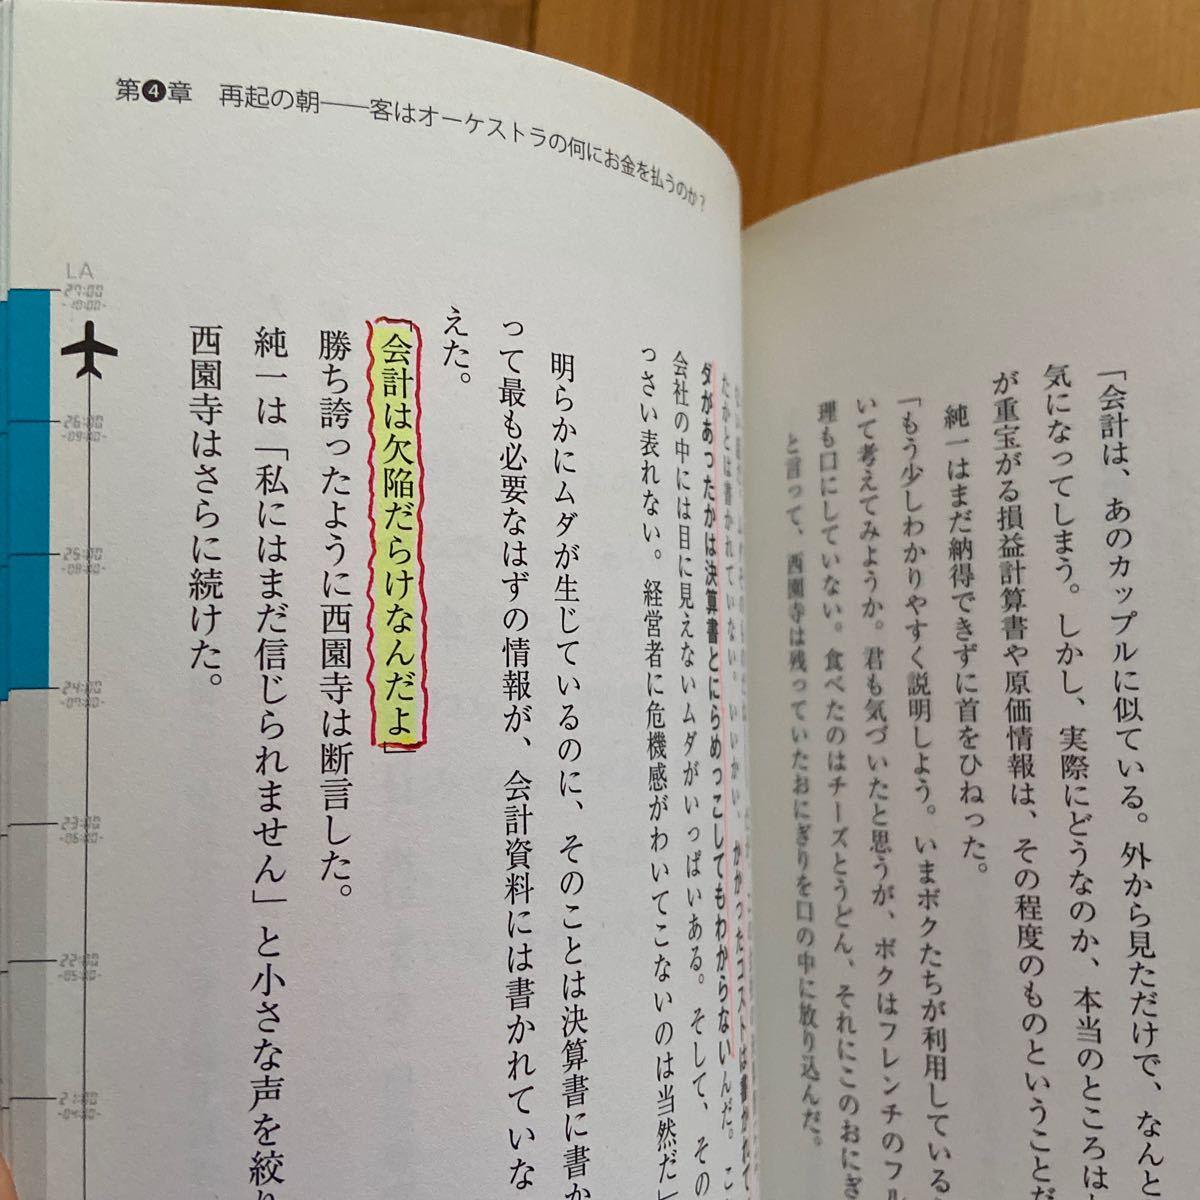 ドラッカーと会計の話をしよう 林あつむ 中経出版